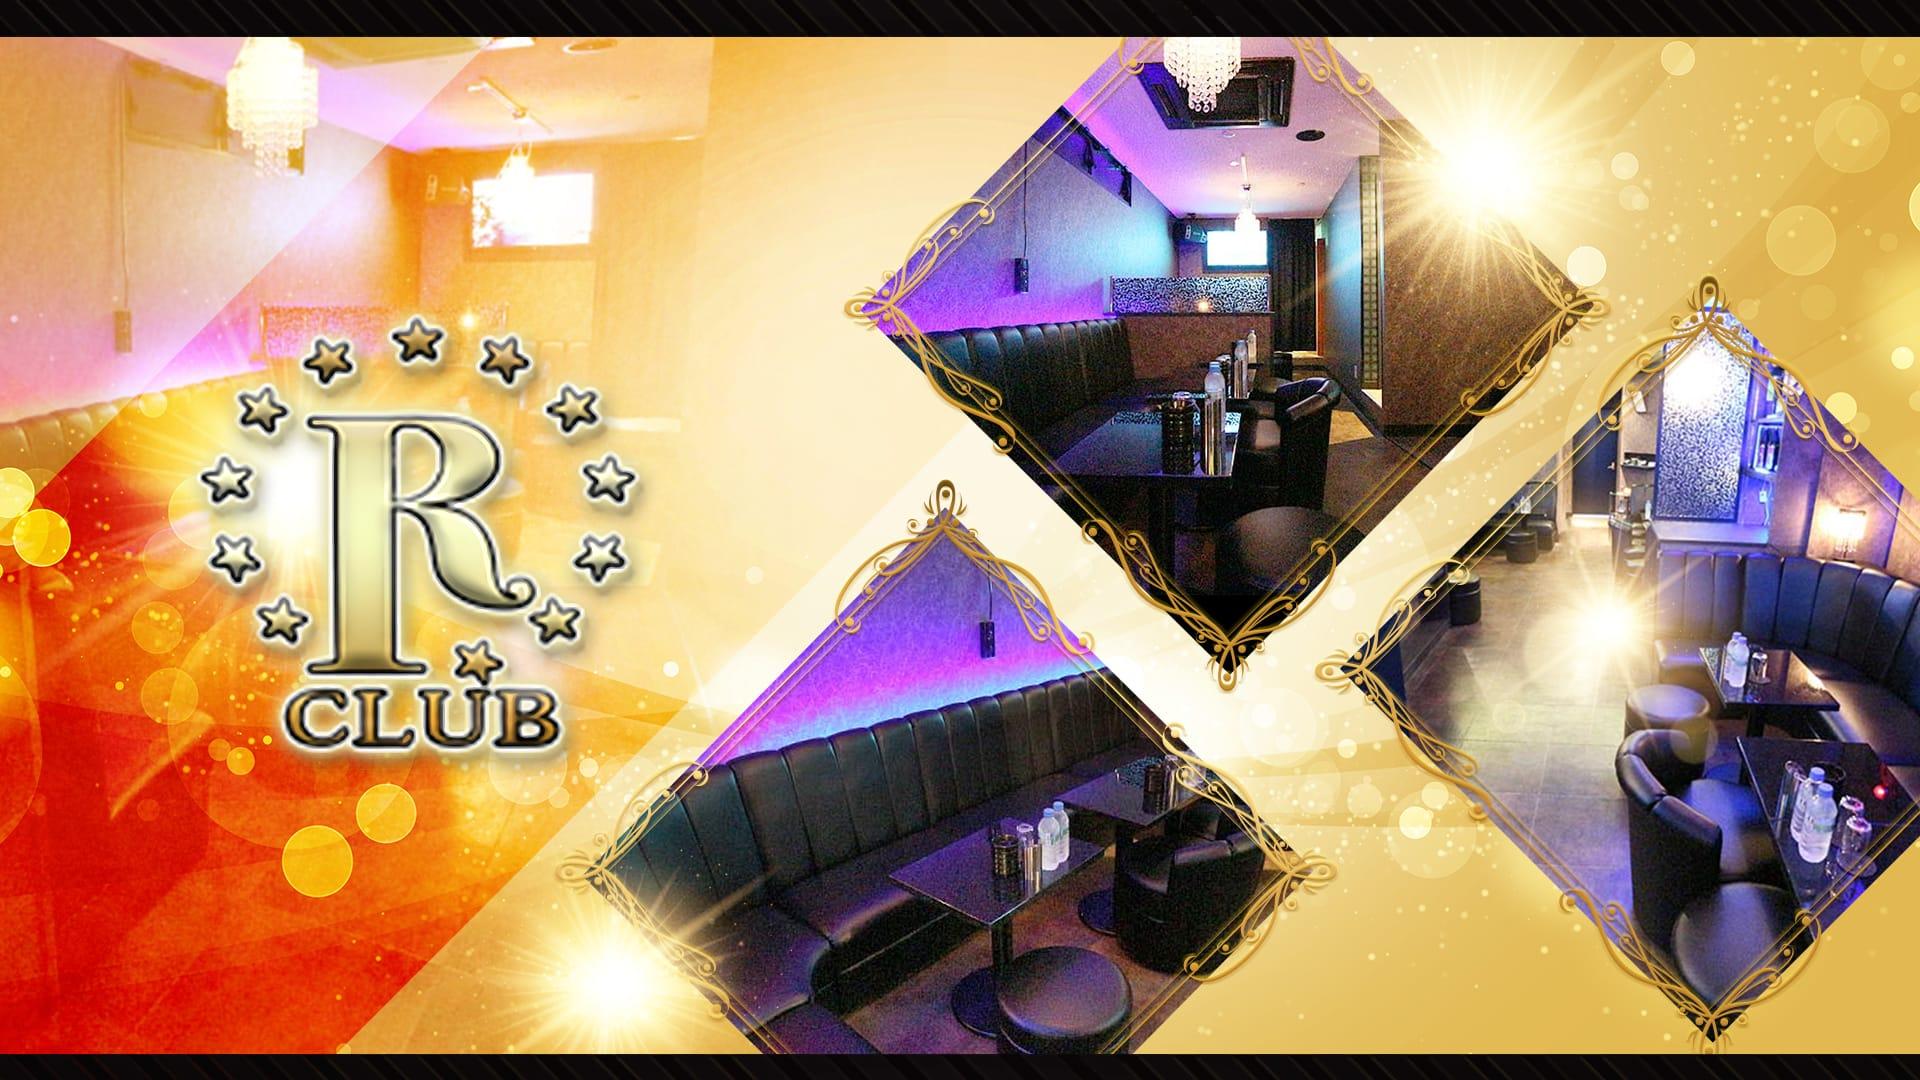 CLUB R(アール) 吉祥寺キャバクラ TOP画像